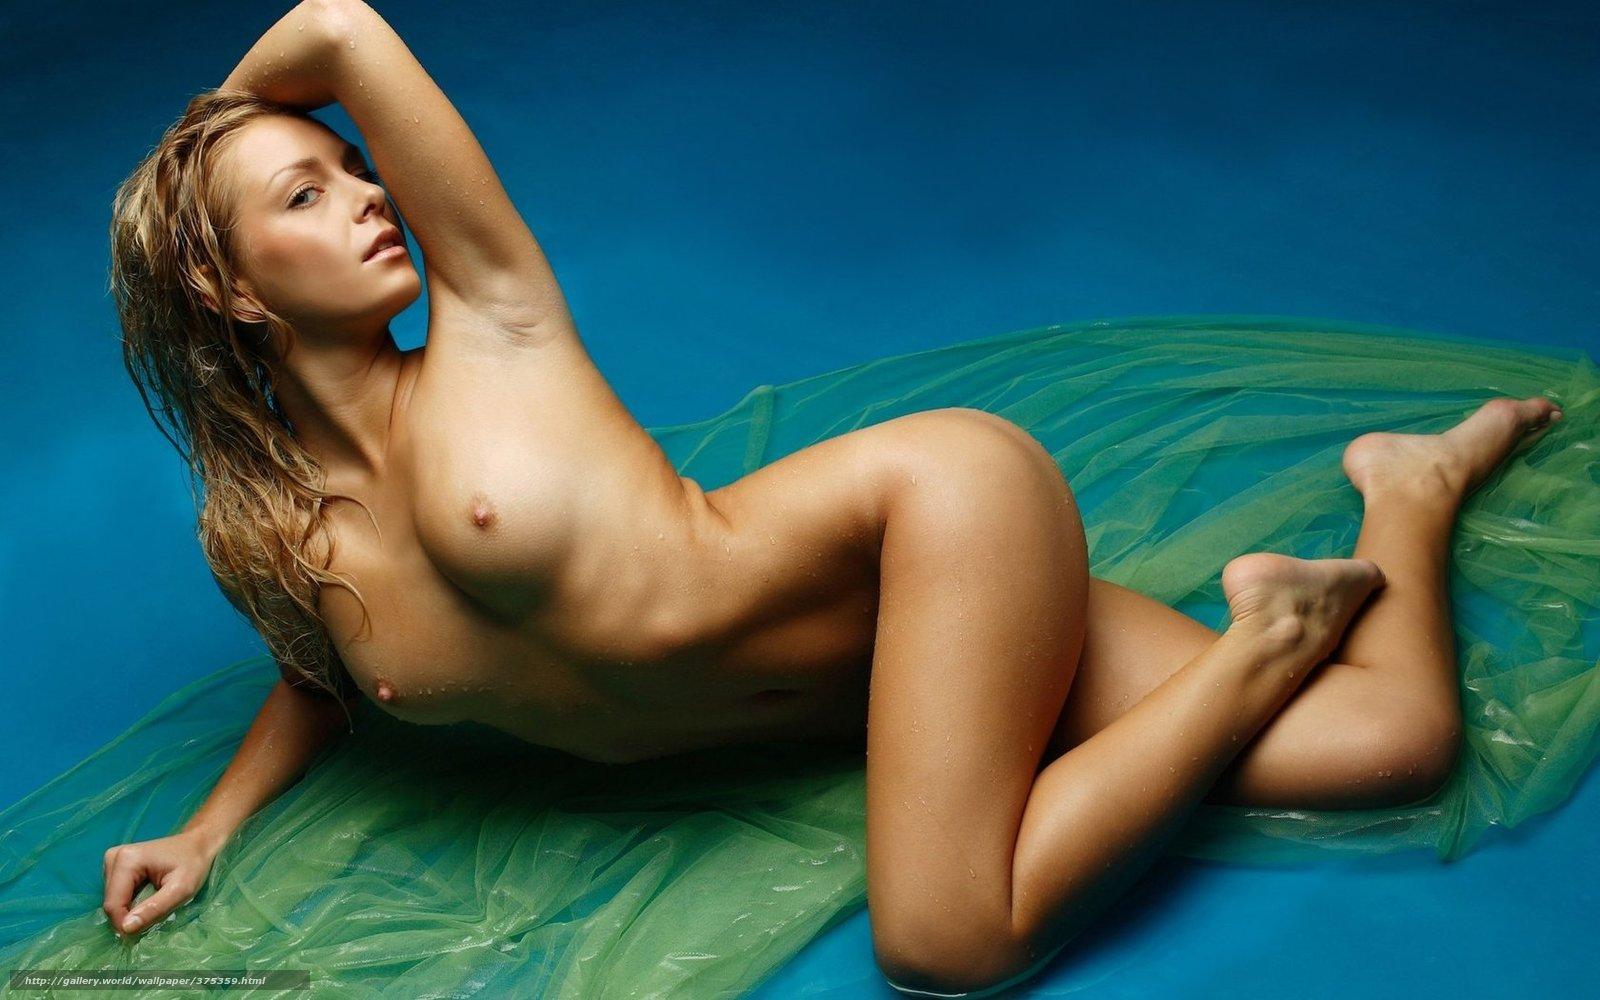 Фото самых красивых голых девушек 25 фотография